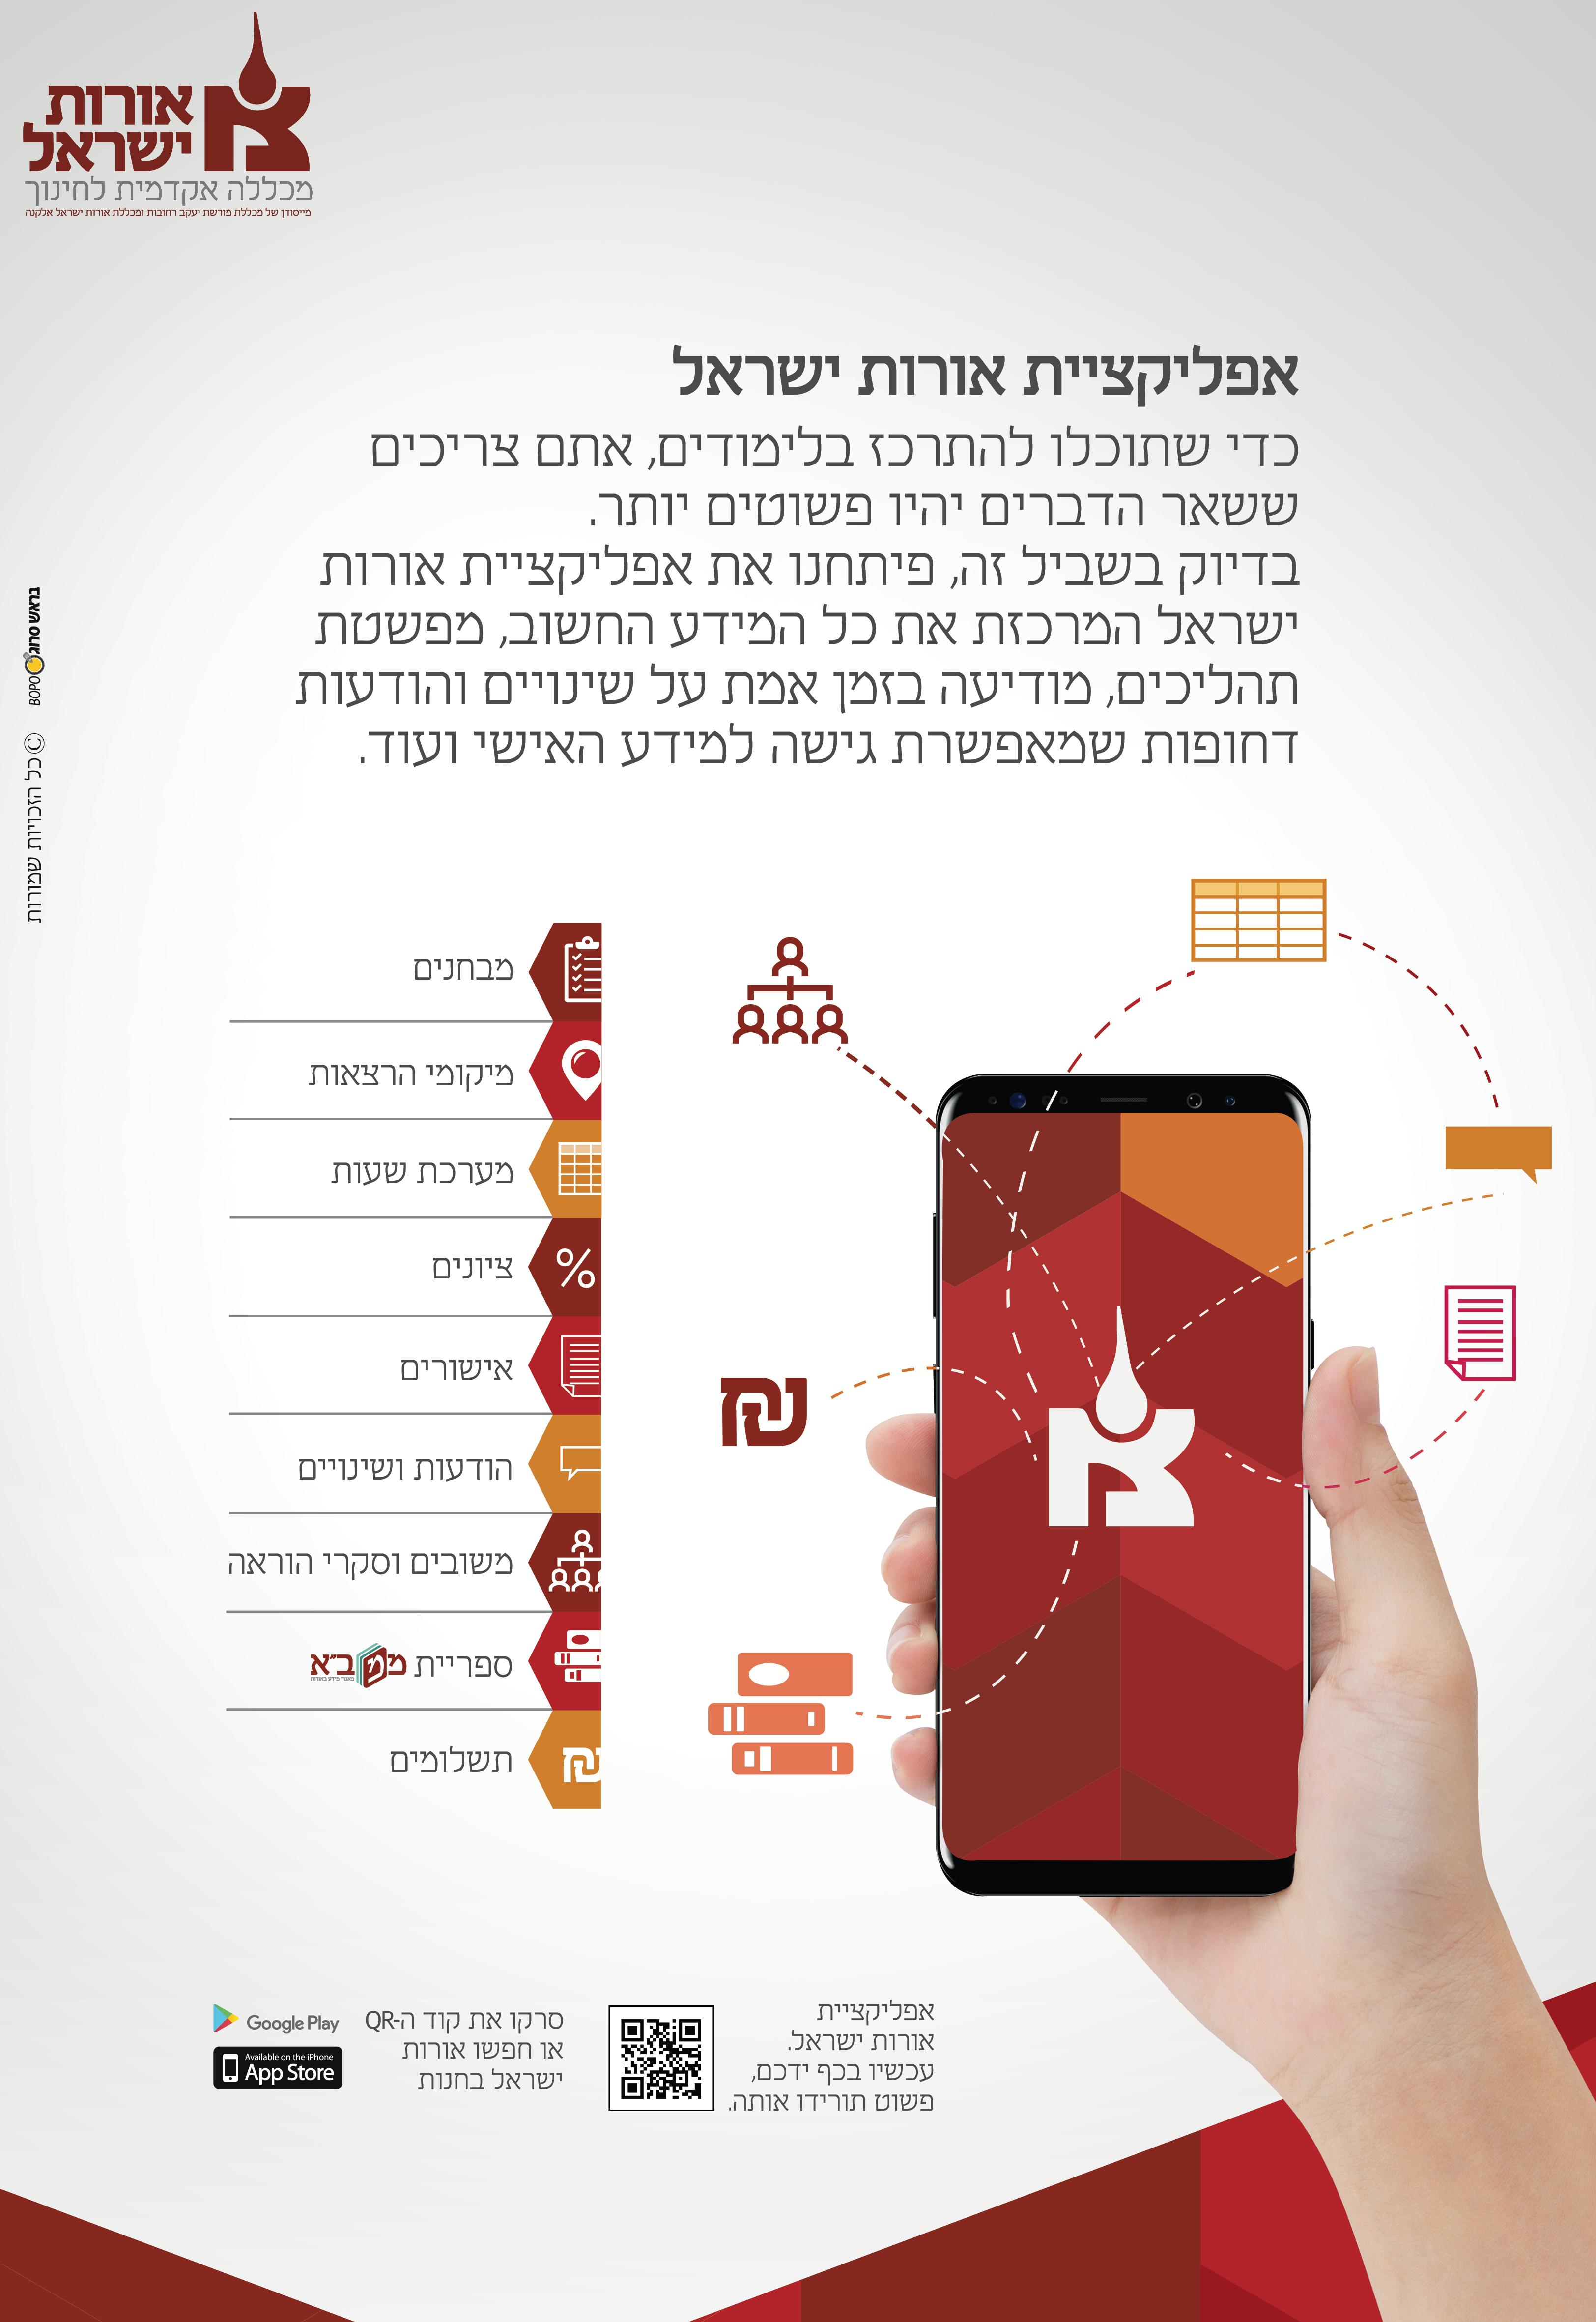 אפליקציה אורות ישראל